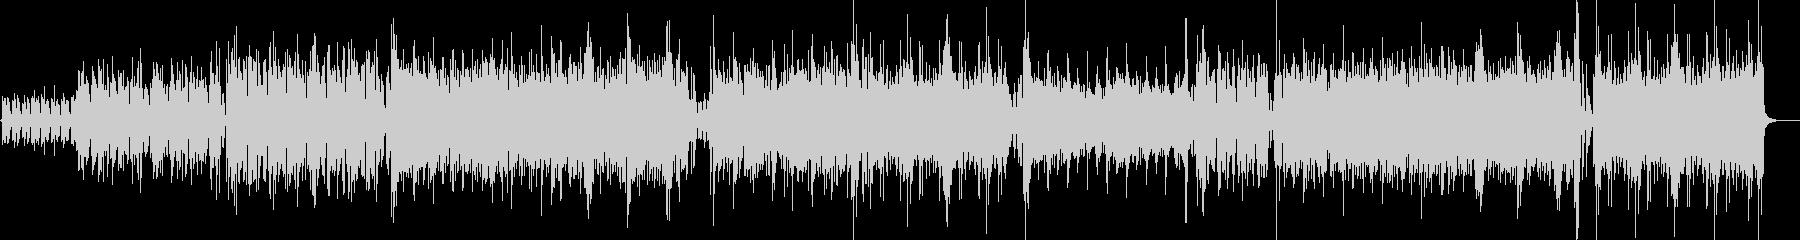 ピアノのリフが印象的なエレクトロの未再生の波形